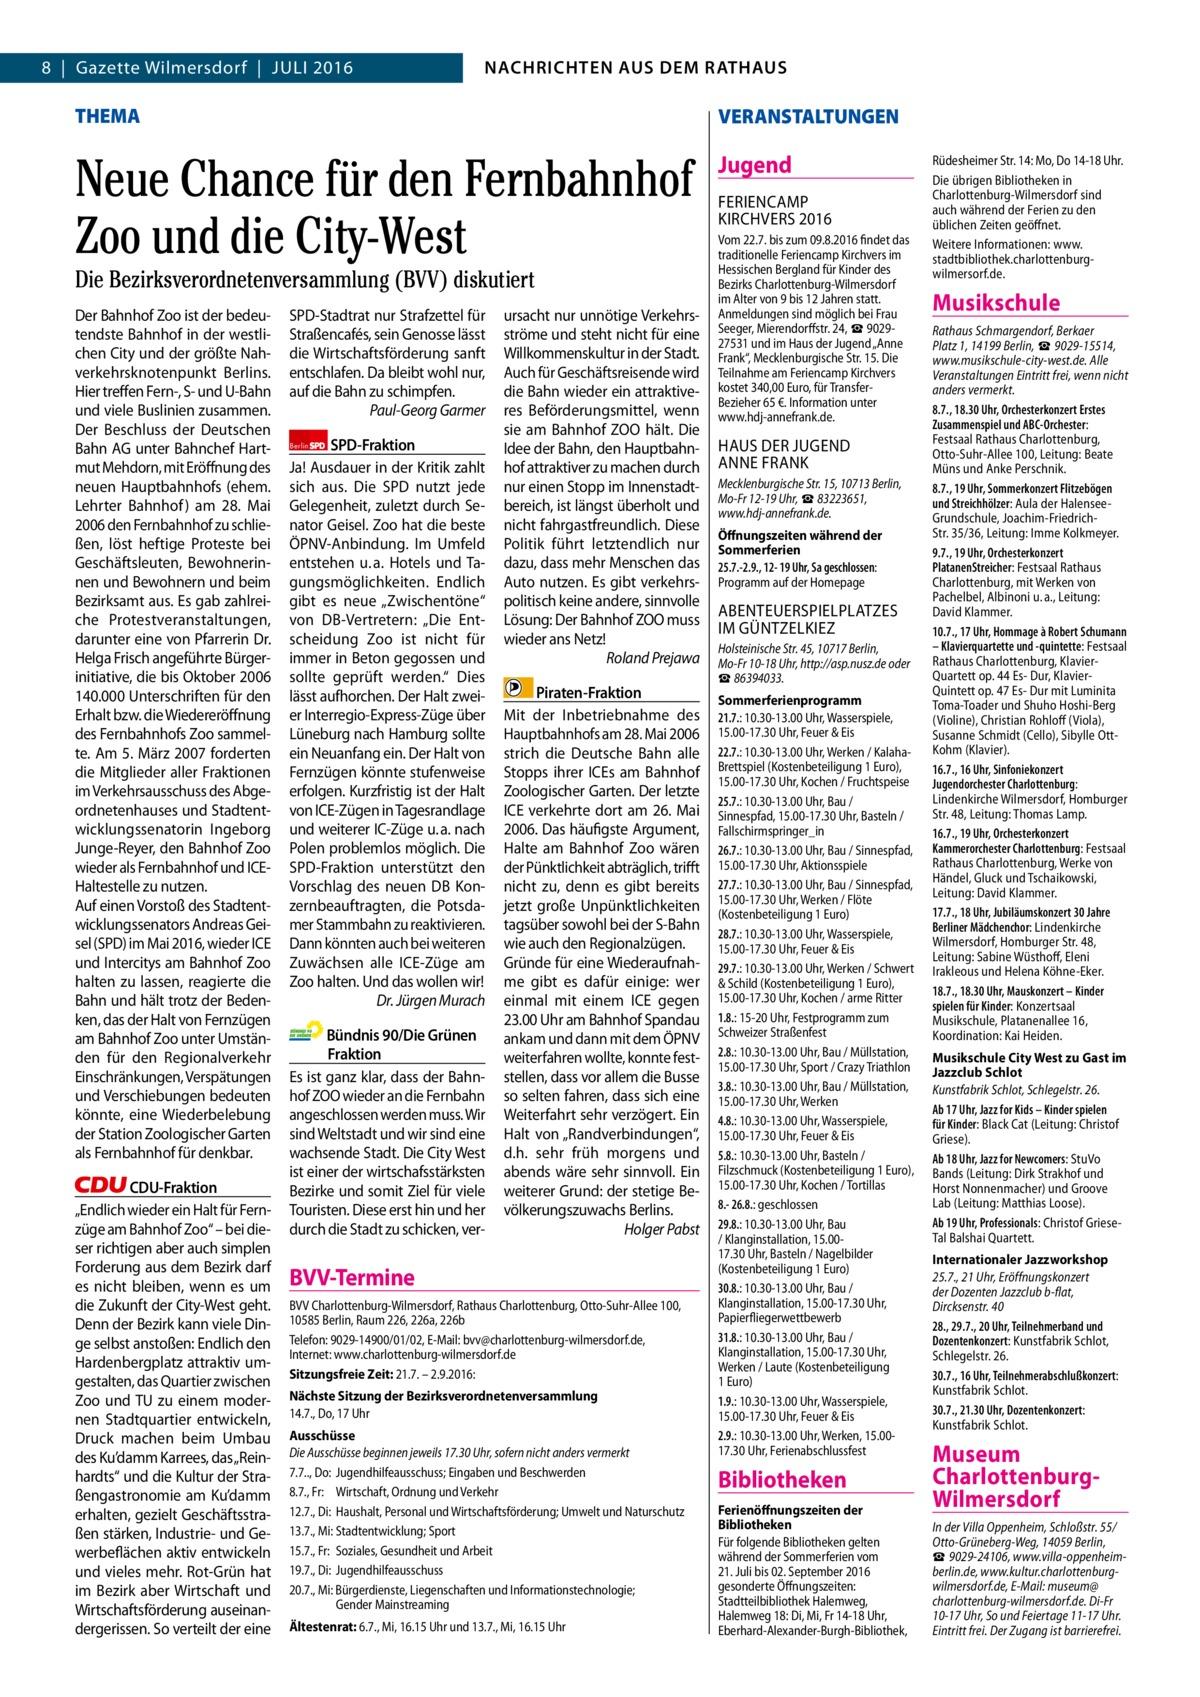 """2  8 Gazette Wilmersdorf Juli 2016  NACHRICHTEN AUSAUS DEM NACHRICHTEN DEM RATHAUS RATHAUS  THEMA  VERANSTALTUNGEN  Neue Chance für den Fernbahnhof Zoo und die City-West  Jugend  Die Bezirksverordnetenversammlung (BVV) diskutiert Der Bahnhof Zoo ist der bedeutendste Bahnhof in der westlichen City und der größte Nahverkehrsknotenpunkt Berlins. Hier treffen Fern-, S- und u-Bahn und viele Buslinien zusammen. Der Beschluss der Deutschen Bahn AG unter Bahnchef Hartmut Mehdorn, mit Eröffnung des neuen Hauptbahnhofs (ehem. lehrter Bahnhof ) am 28. Mai 2006 den Fernbahnhof zu schließen, löst heftige Proteste bei Geschäftsleuten, Bewohnerinnen und Bewohnern und beim Bezirksamt aus. Es gab zahlreiche Protestveranstaltungen, darunter eine von Pfarrerin Dr. Helga Frisch angeführte Bürgerinitiative, die bis Oktober 2006 140.000 unterschriften für den Erhalt bzw. die Wiedereröffnung des Fernbahnhofs Zoo sammelte. Am 5.März 2007 forderten die Mitglieder aller Fraktionen im Verkehrsausschuss des Abgeordnetenhauses und Stadtentwicklungssenatorin ingeborg Junge-Reyer, den Bahnhof Zoo wieder als Fernbahnhof und iCEHaltestelle zu nutzen. Auf einen Vorstoß des Stadtentwicklungssenators Andreas Geisel (SPD) im Mai 2016, wieder iCE und intercitys am Bahnhof Zoo halten zu lassen, reagierte die Bahn und hält trotz der Bedenken, das der Halt von Fernzügen am Bahnhof Zoo unter umständen für den Regionalverkehr Einschränkungen, Verspätungen und Verschiebungen bedeuten könnte, eine Wiederbelebung der Station Zoologischer Garten als Fernbahnhof für denkbar. CDU-Fraktion """"Endlich wieder ein Halt für Fernzüge am Bahnhof Zoo"""" – bei dieser richtigen aber auch simplen Forderung aus dem Bezirk darf es nicht bleiben, wenn es um die Zukunft der City-West geht. Denn der Bezirk kann viele Dinge selbst anstoßen: Endlich den Hardenbergplatz attraktiv umgestalten, das Quartier zwischen Zoo und Tu zu einem modernen Stadtquartier entwickeln, Druck machen beim umbau des Ku'damm Karrees, das """"Reinhardts"""" und die"""